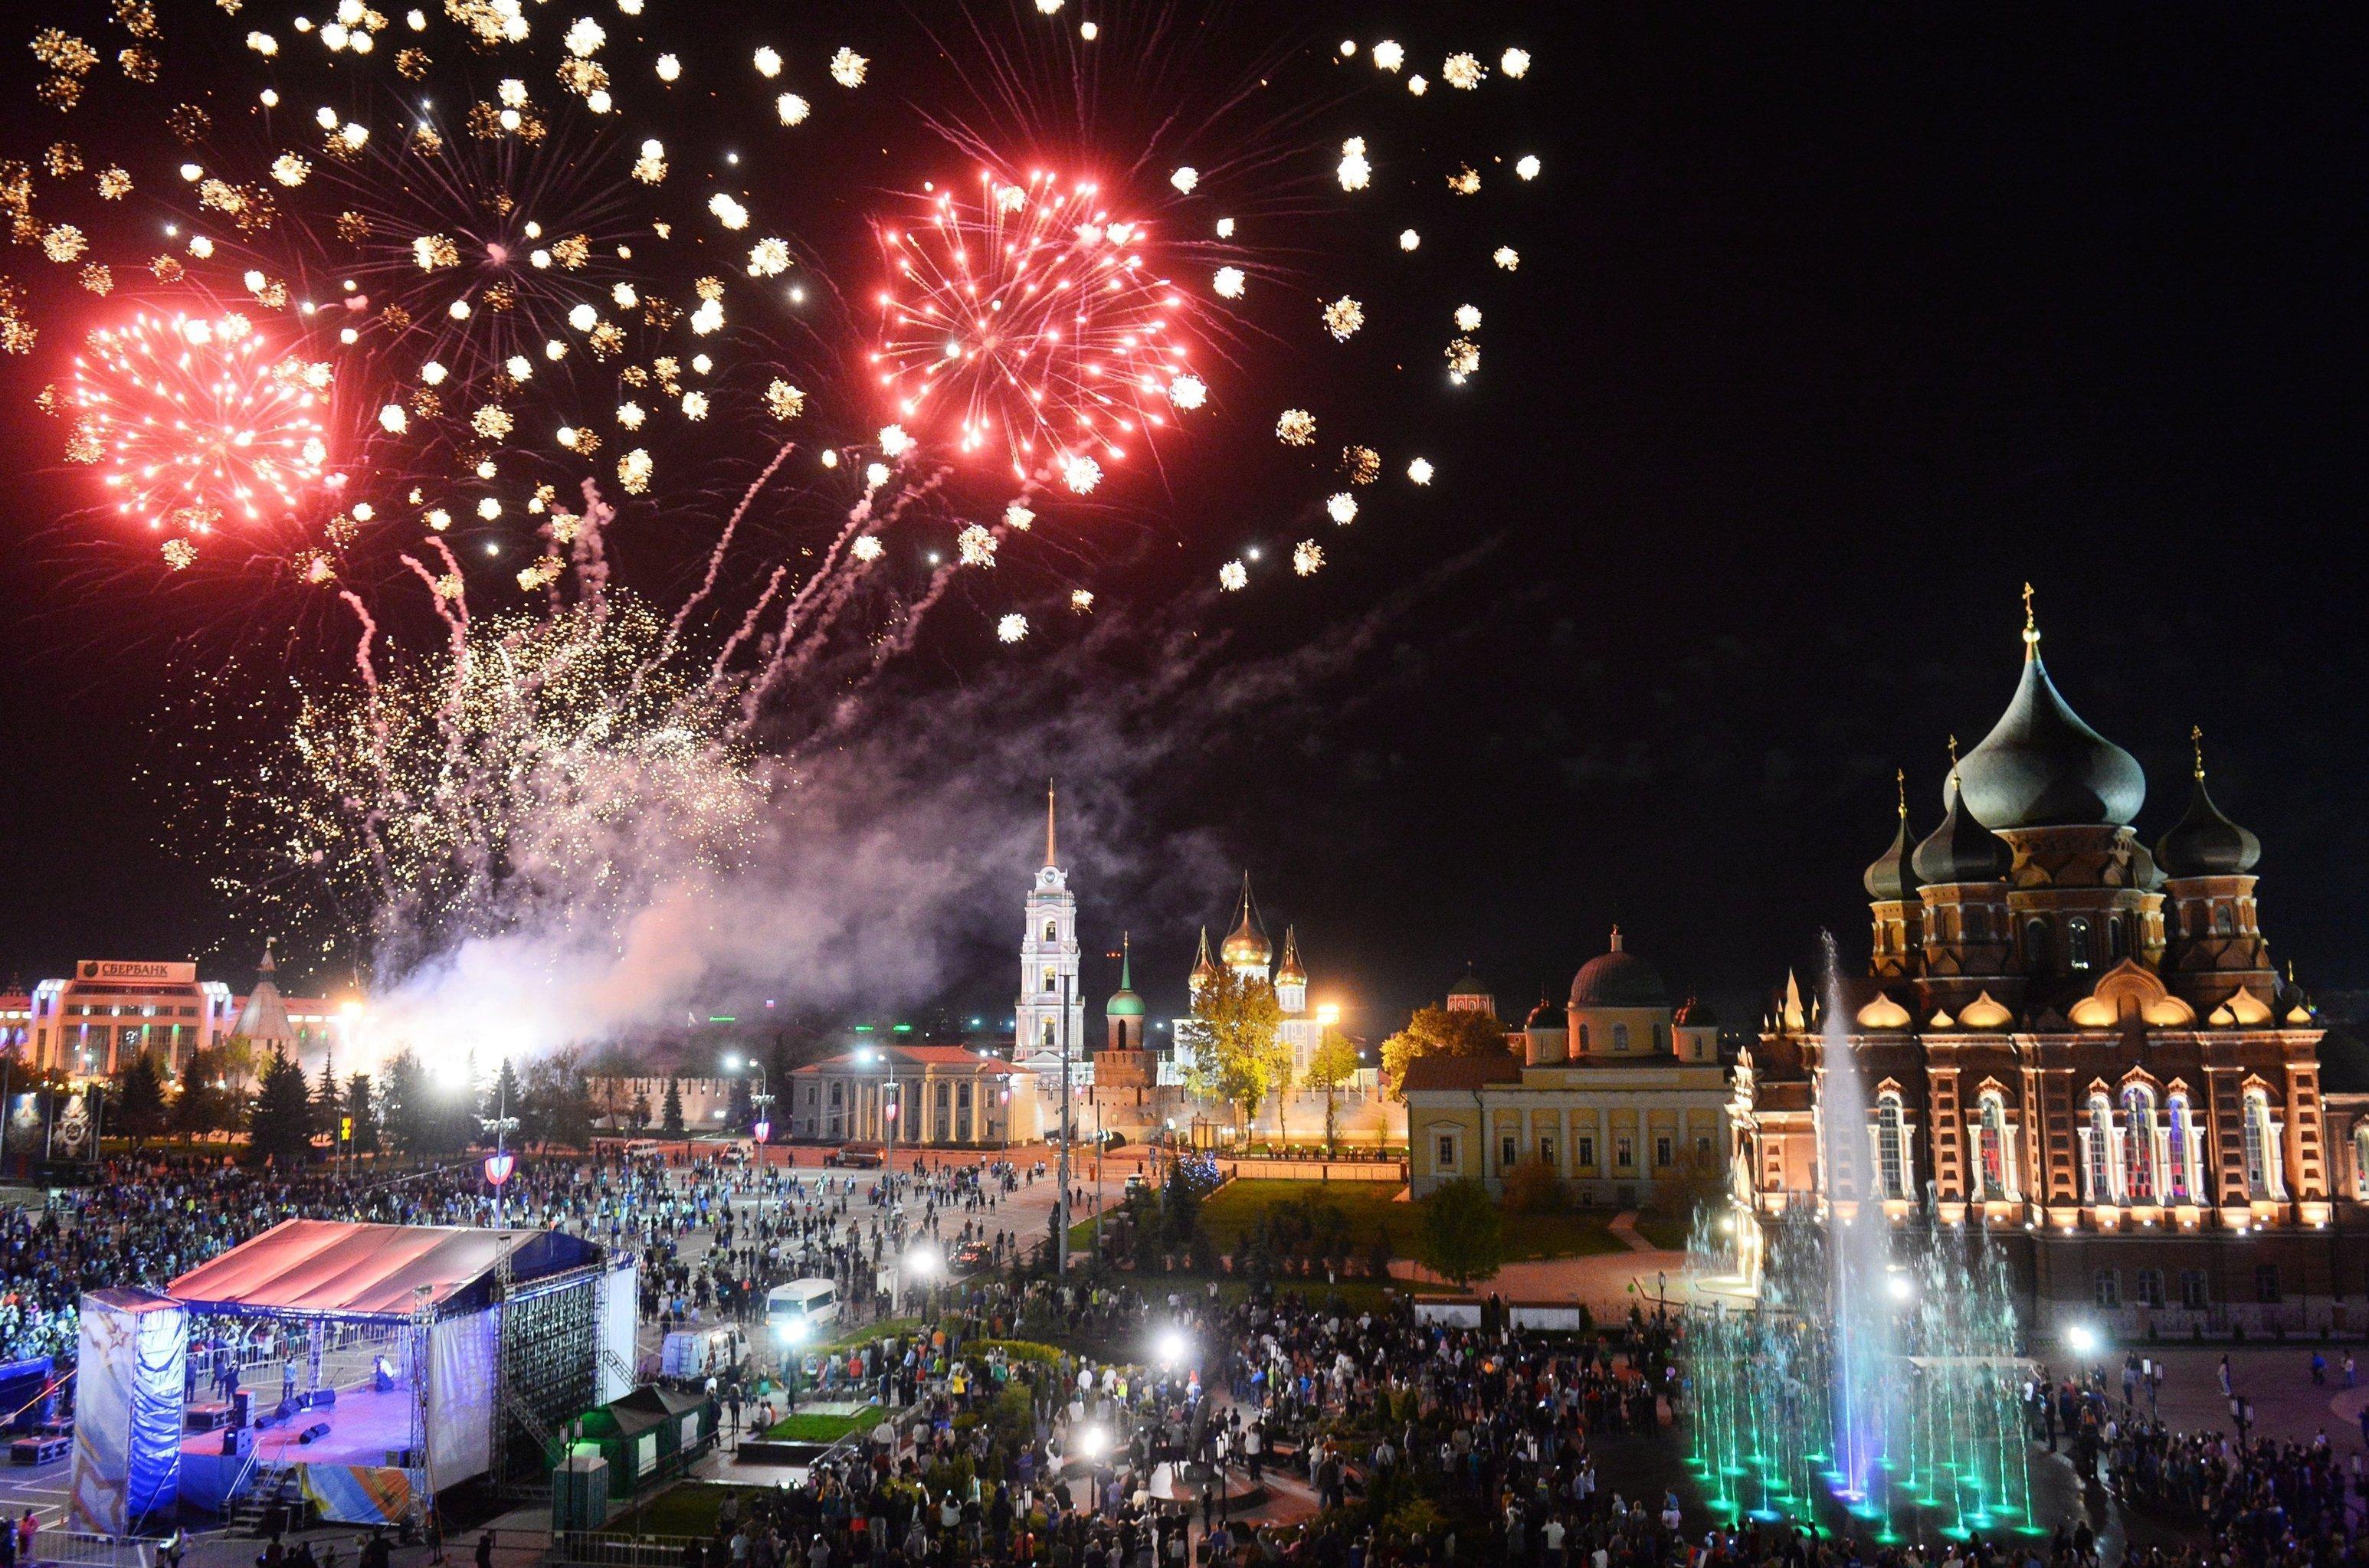 Fuegos artificiales en Tula con motivo del Día de la Victoria en la Gran Guerra Patria en 2016